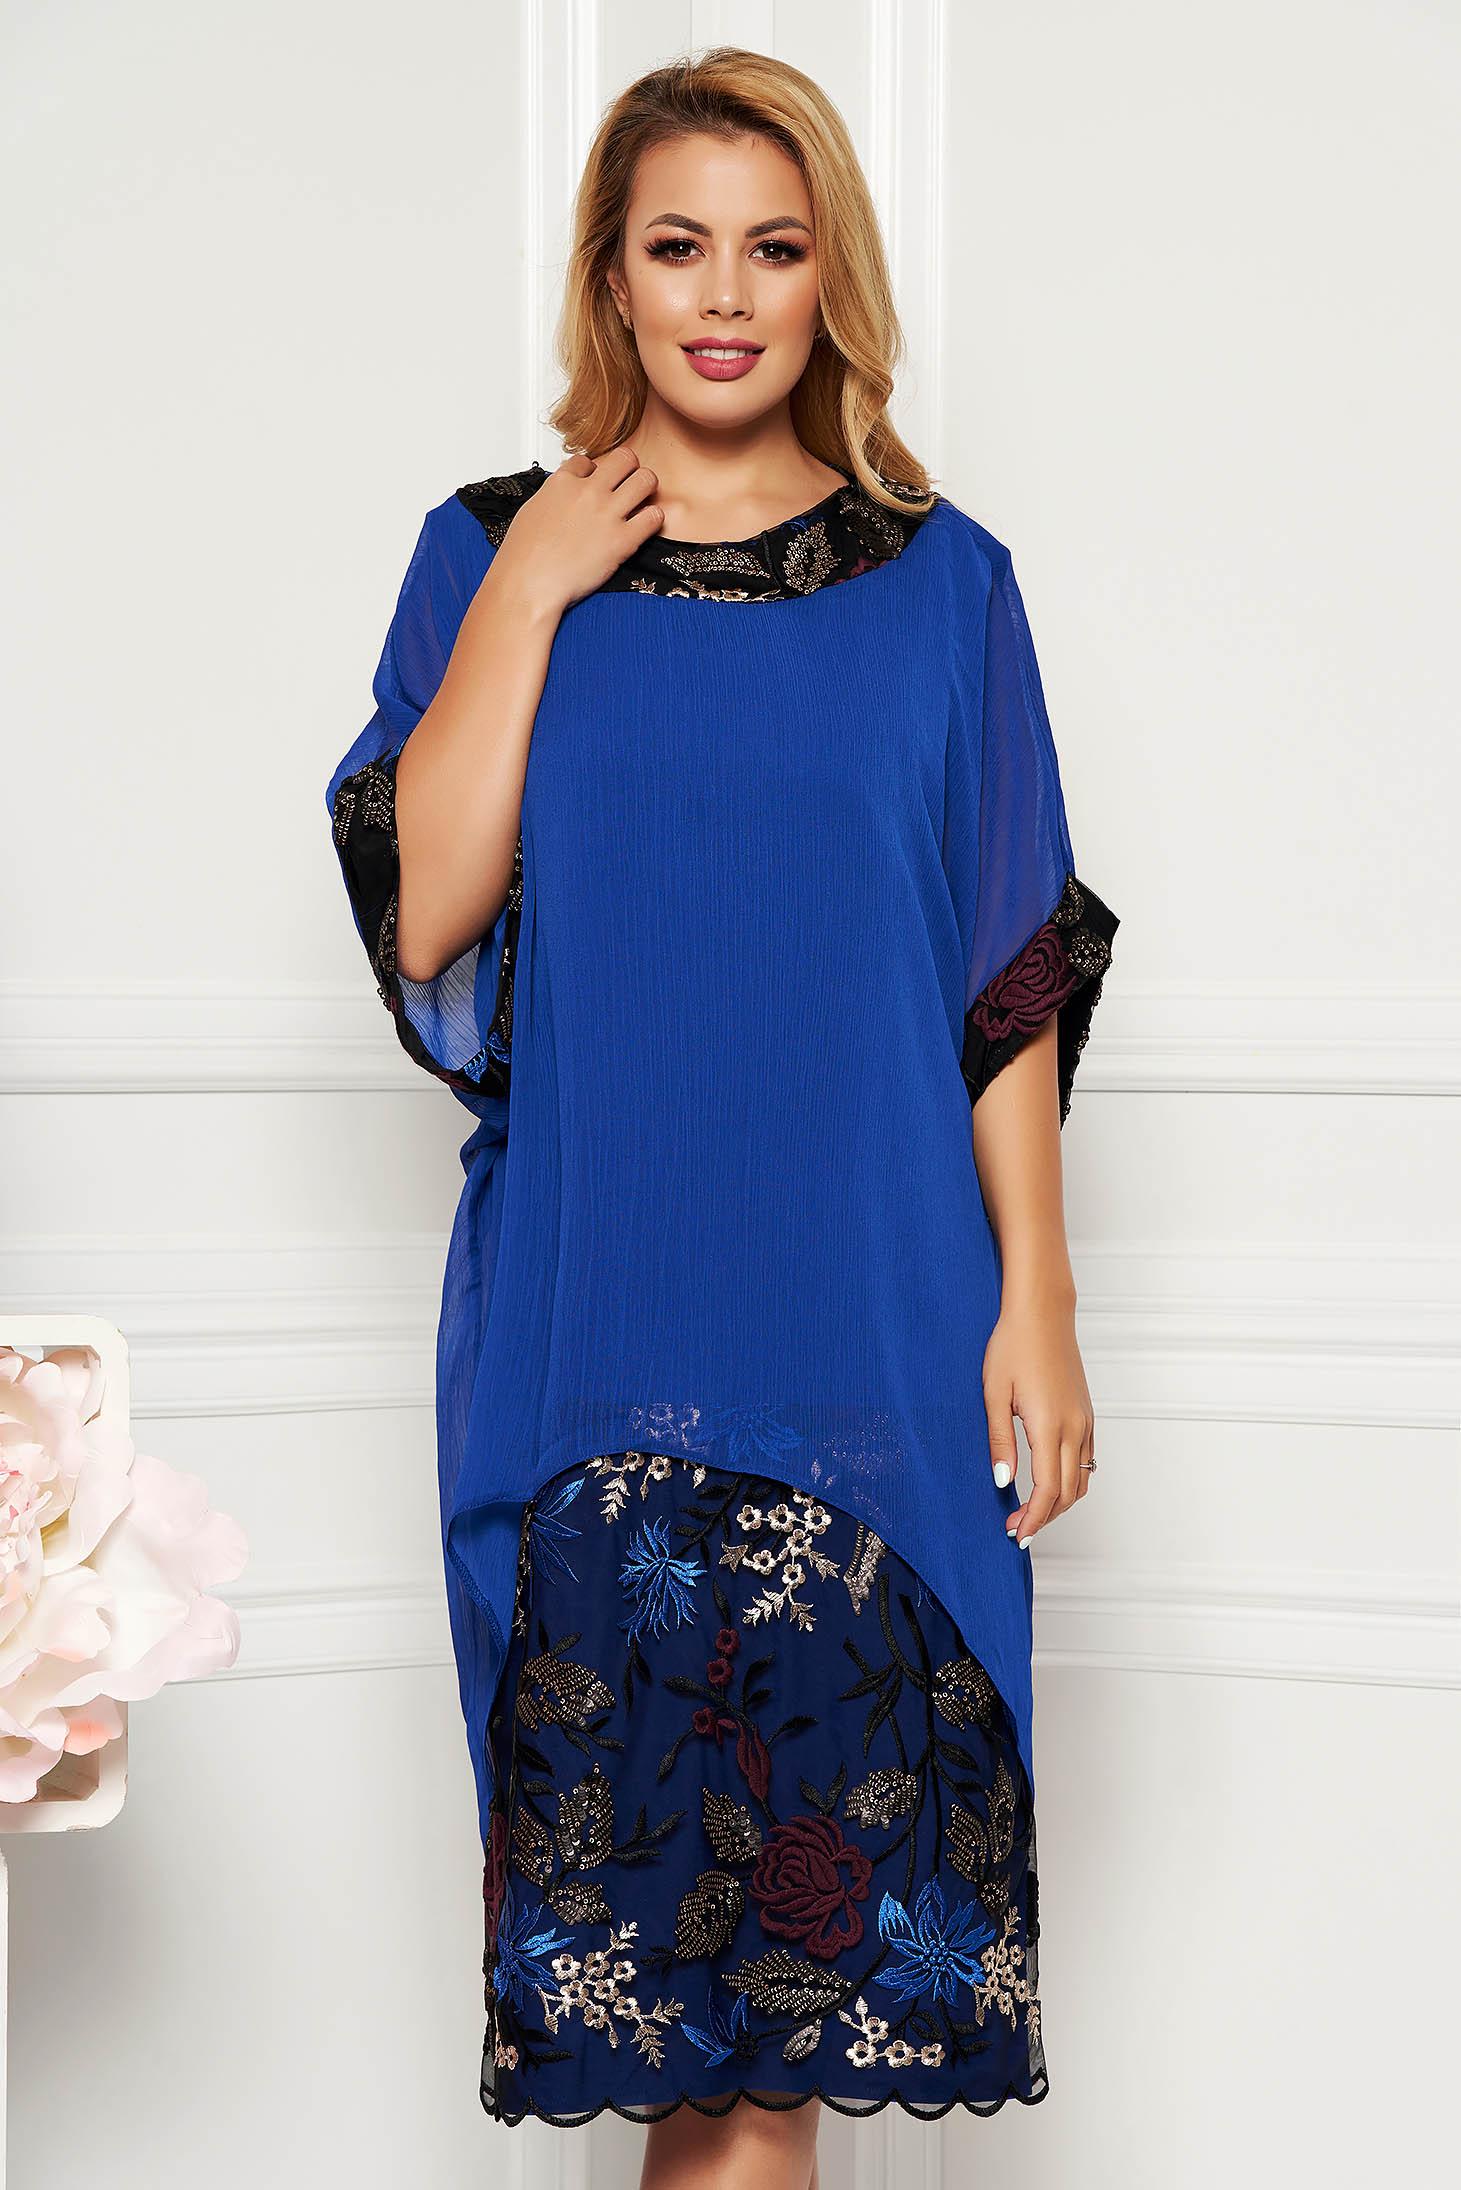 Compleu albastru elegant cu rochie cu un croi drept cu insertii de broderie si suprapunere cu voal